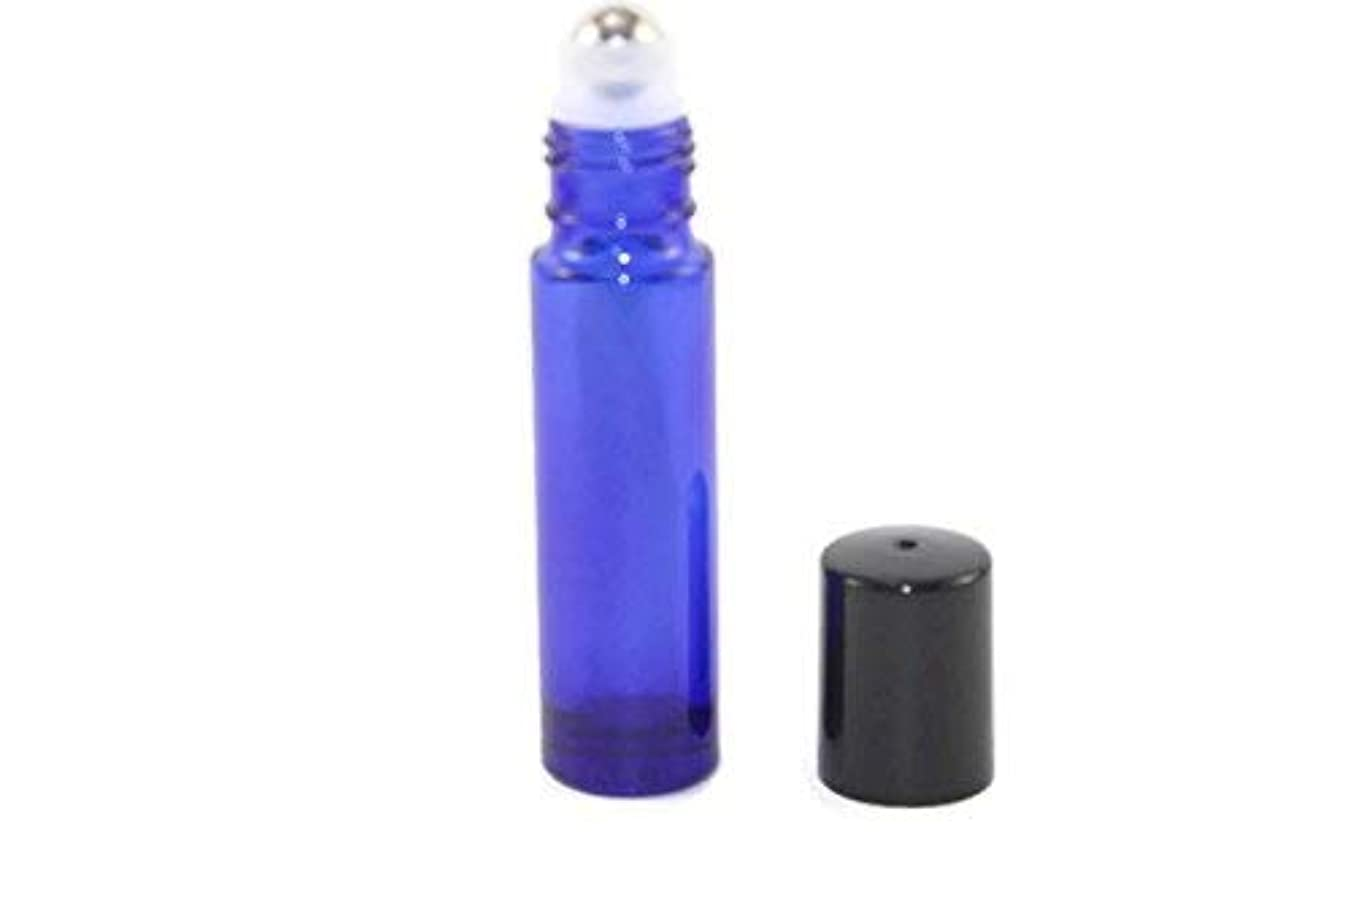 キャッシュ見習い相対サイズUSA 144-10ml COBALT BLUE Glass Roll On THICK Bottles (144) with Stainless Steel Roller Balls - Refillable Aromatherapy...